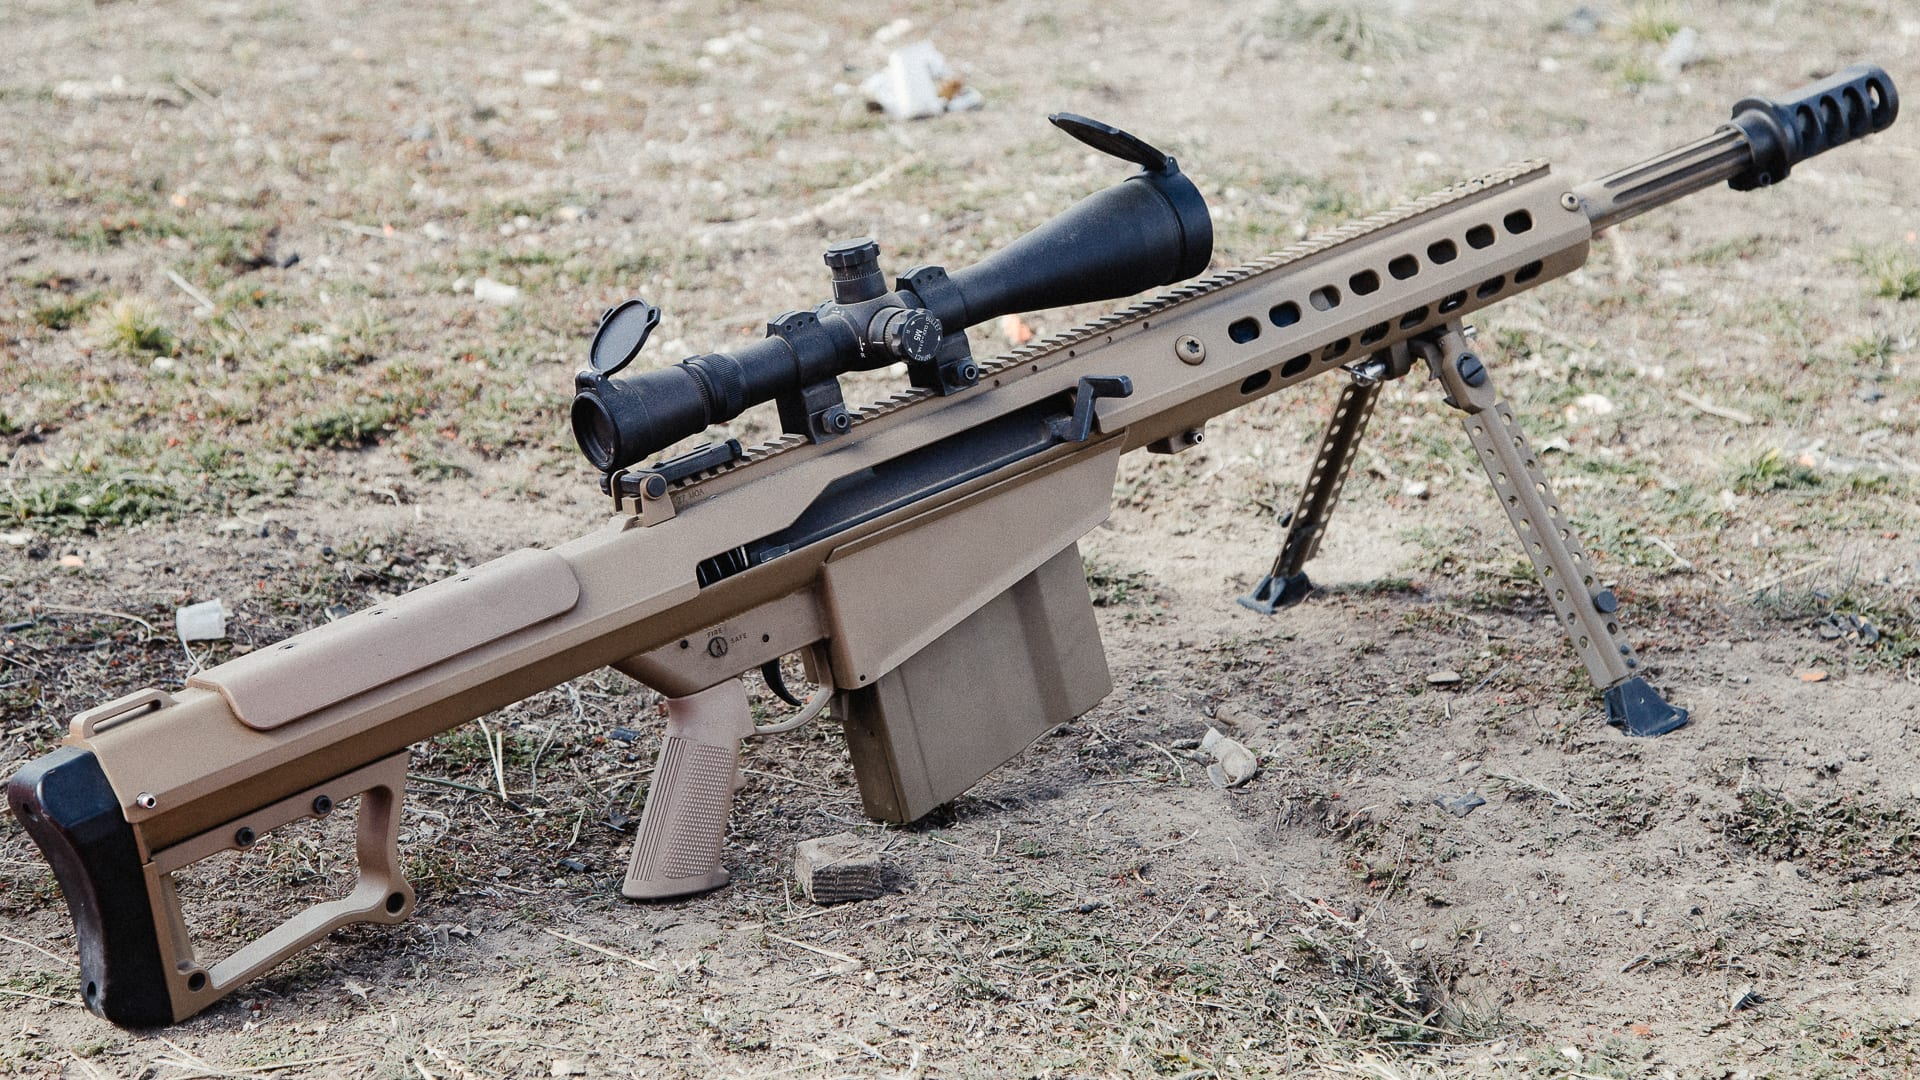 ประวัติ barrett m107a1 ปืนไรเฟิลซุ่มยิงขนาด .50 ลำแรกที่ถูกผลิตขึ้น